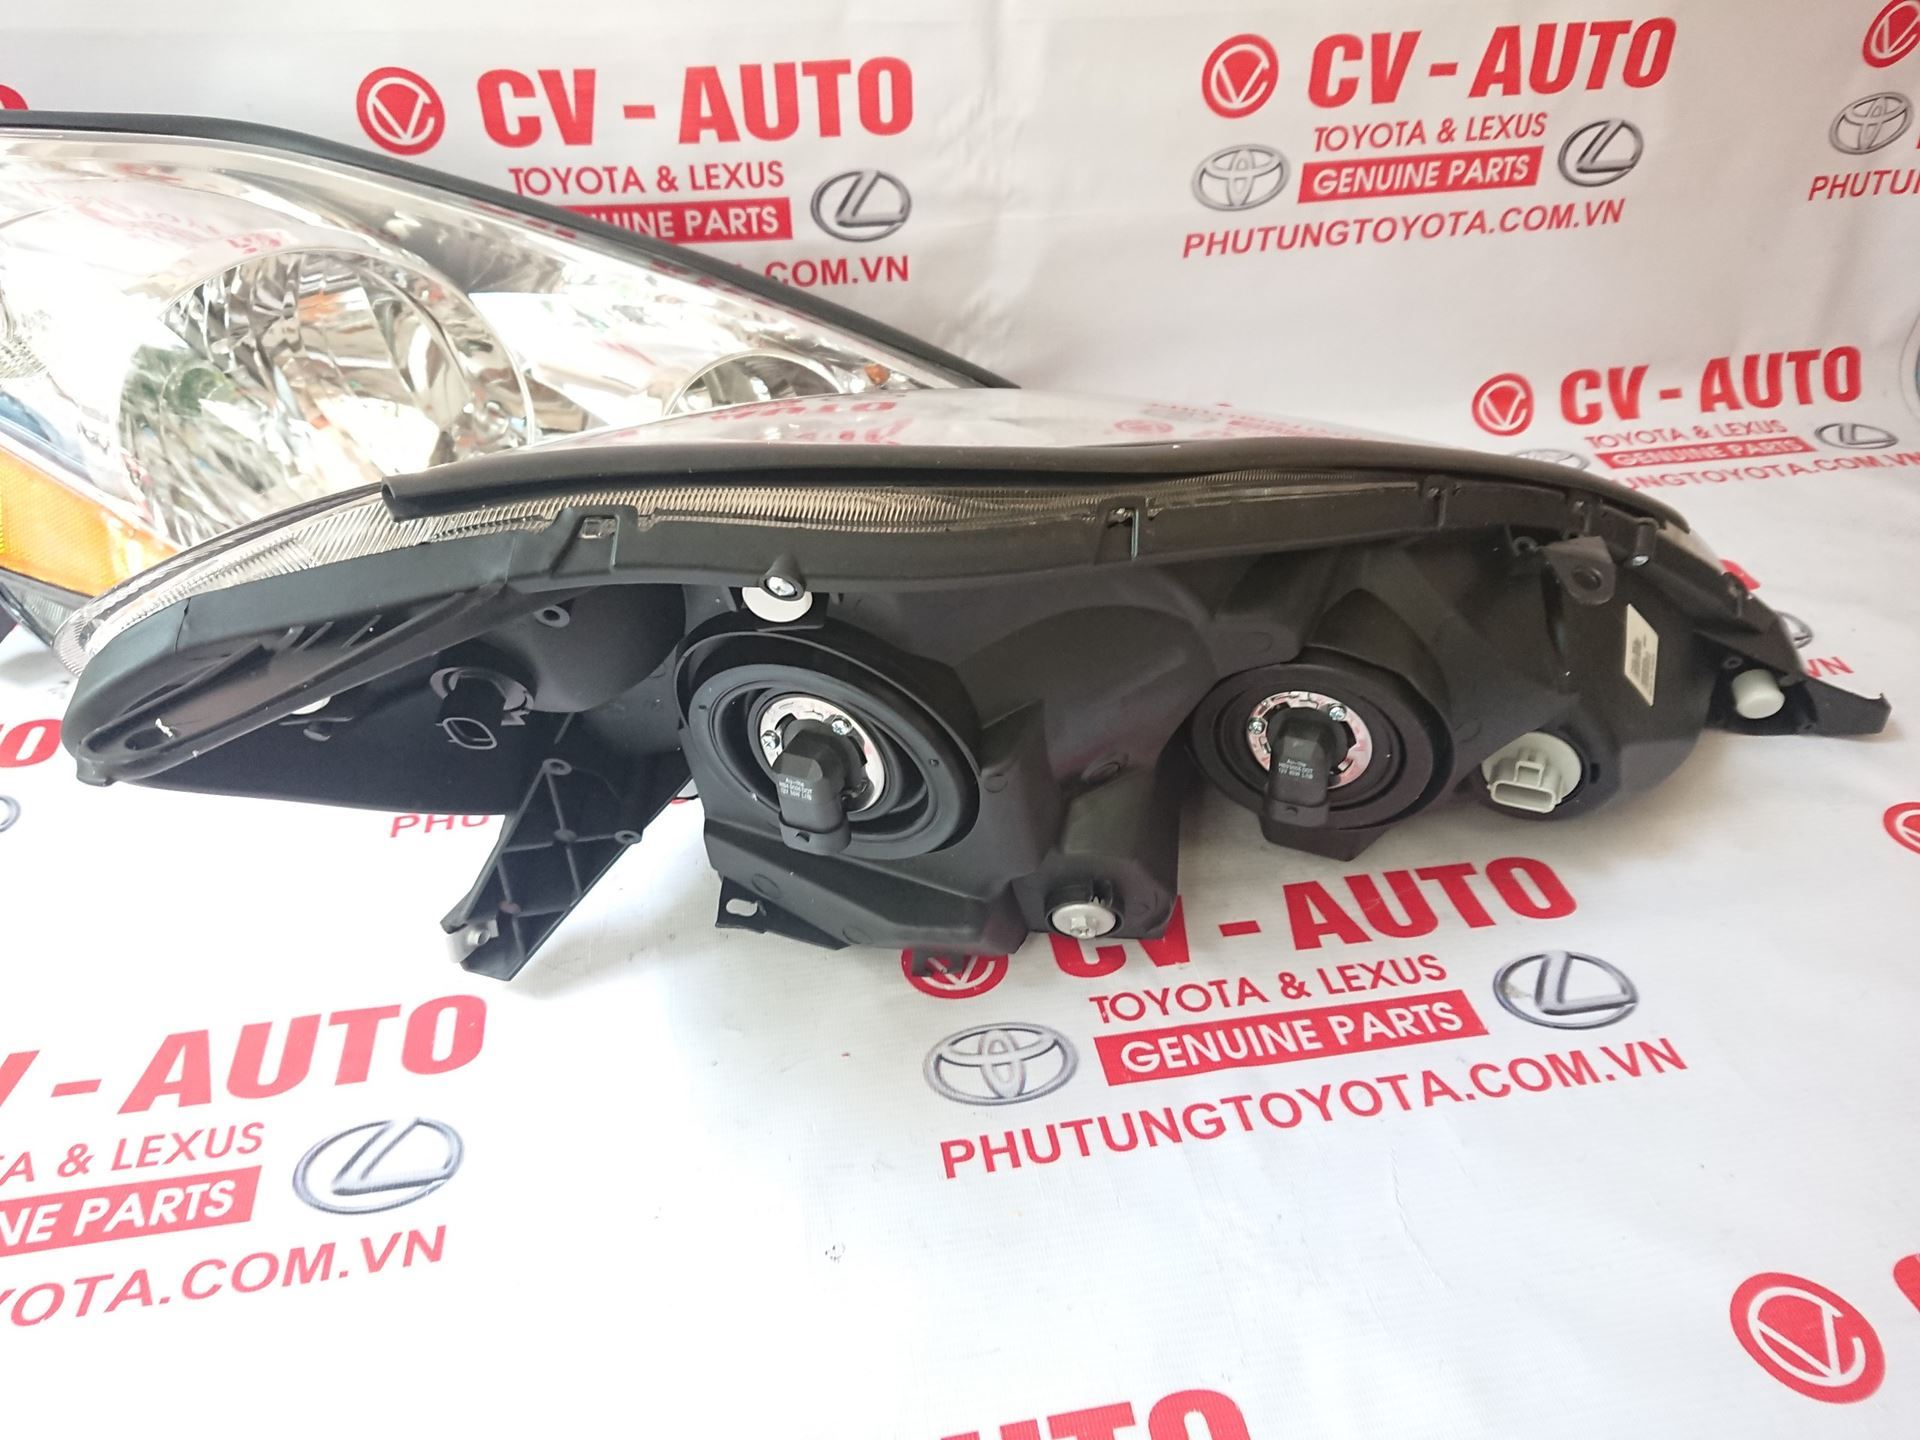 Picture of 81110-AE030 81150-AE030 Đèn pha Toyota Sienna chính hãng